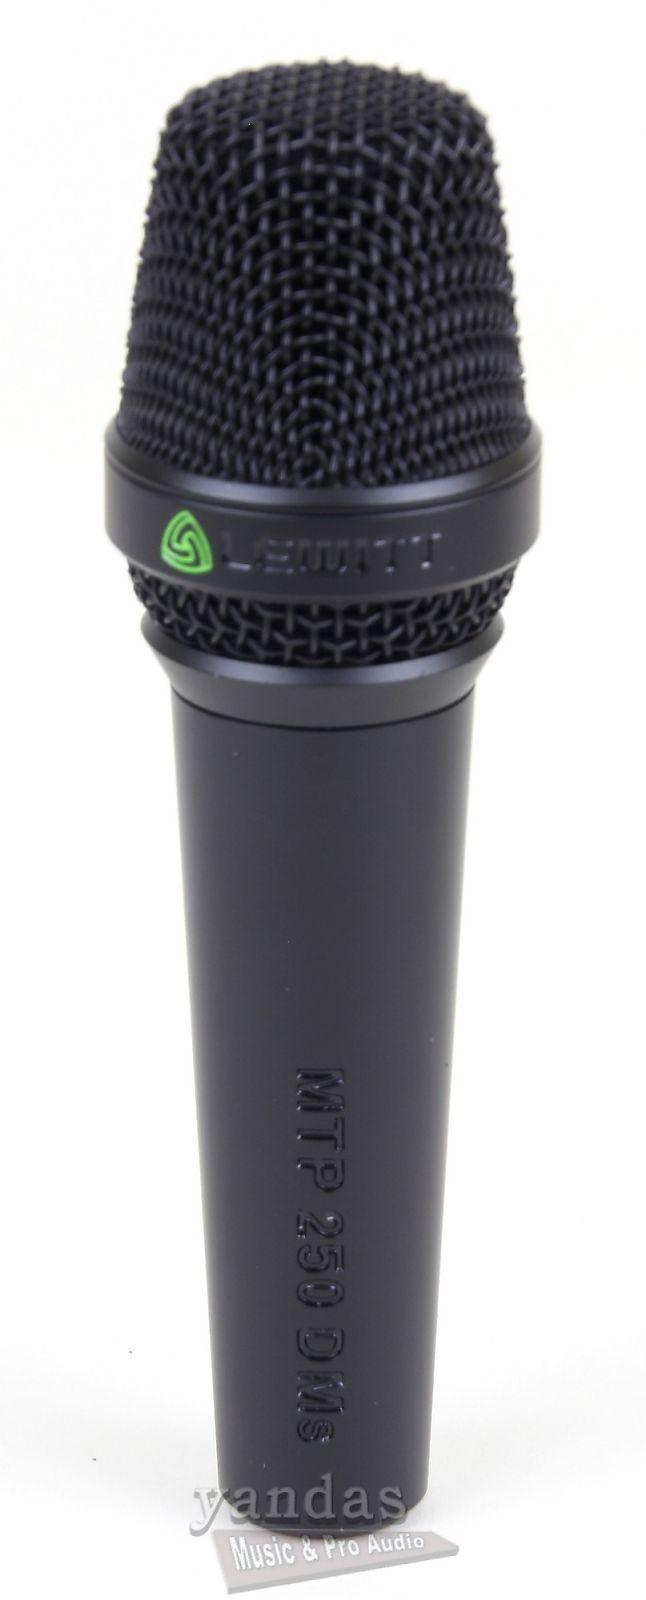 lewitt mtp 250 dm handheld dynamic vocal microphone reverb. Black Bedroom Furniture Sets. Home Design Ideas